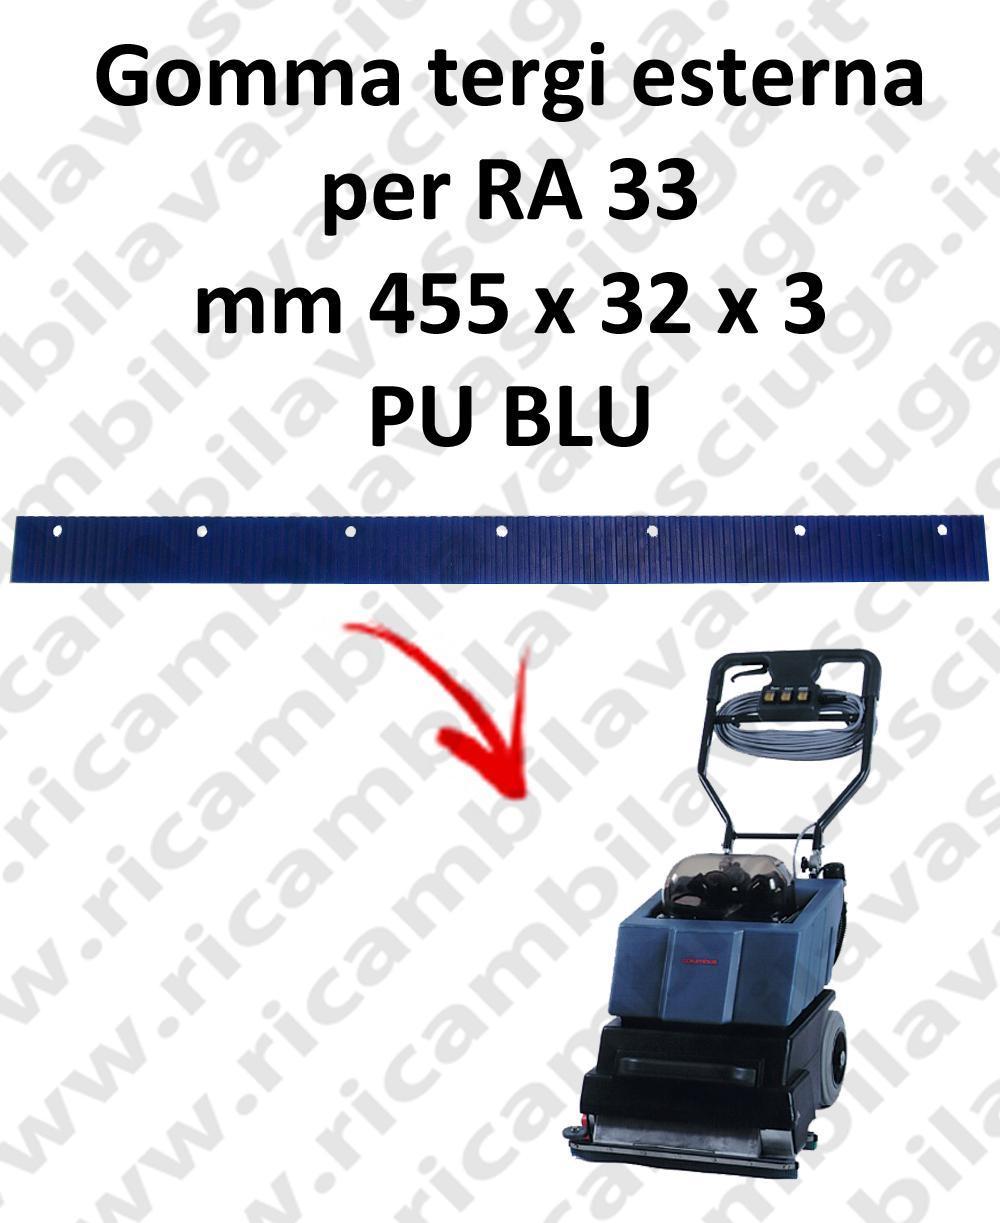 RA 33  goma de secado esterna para COLUMBUS repuestos fregadoras squeegee